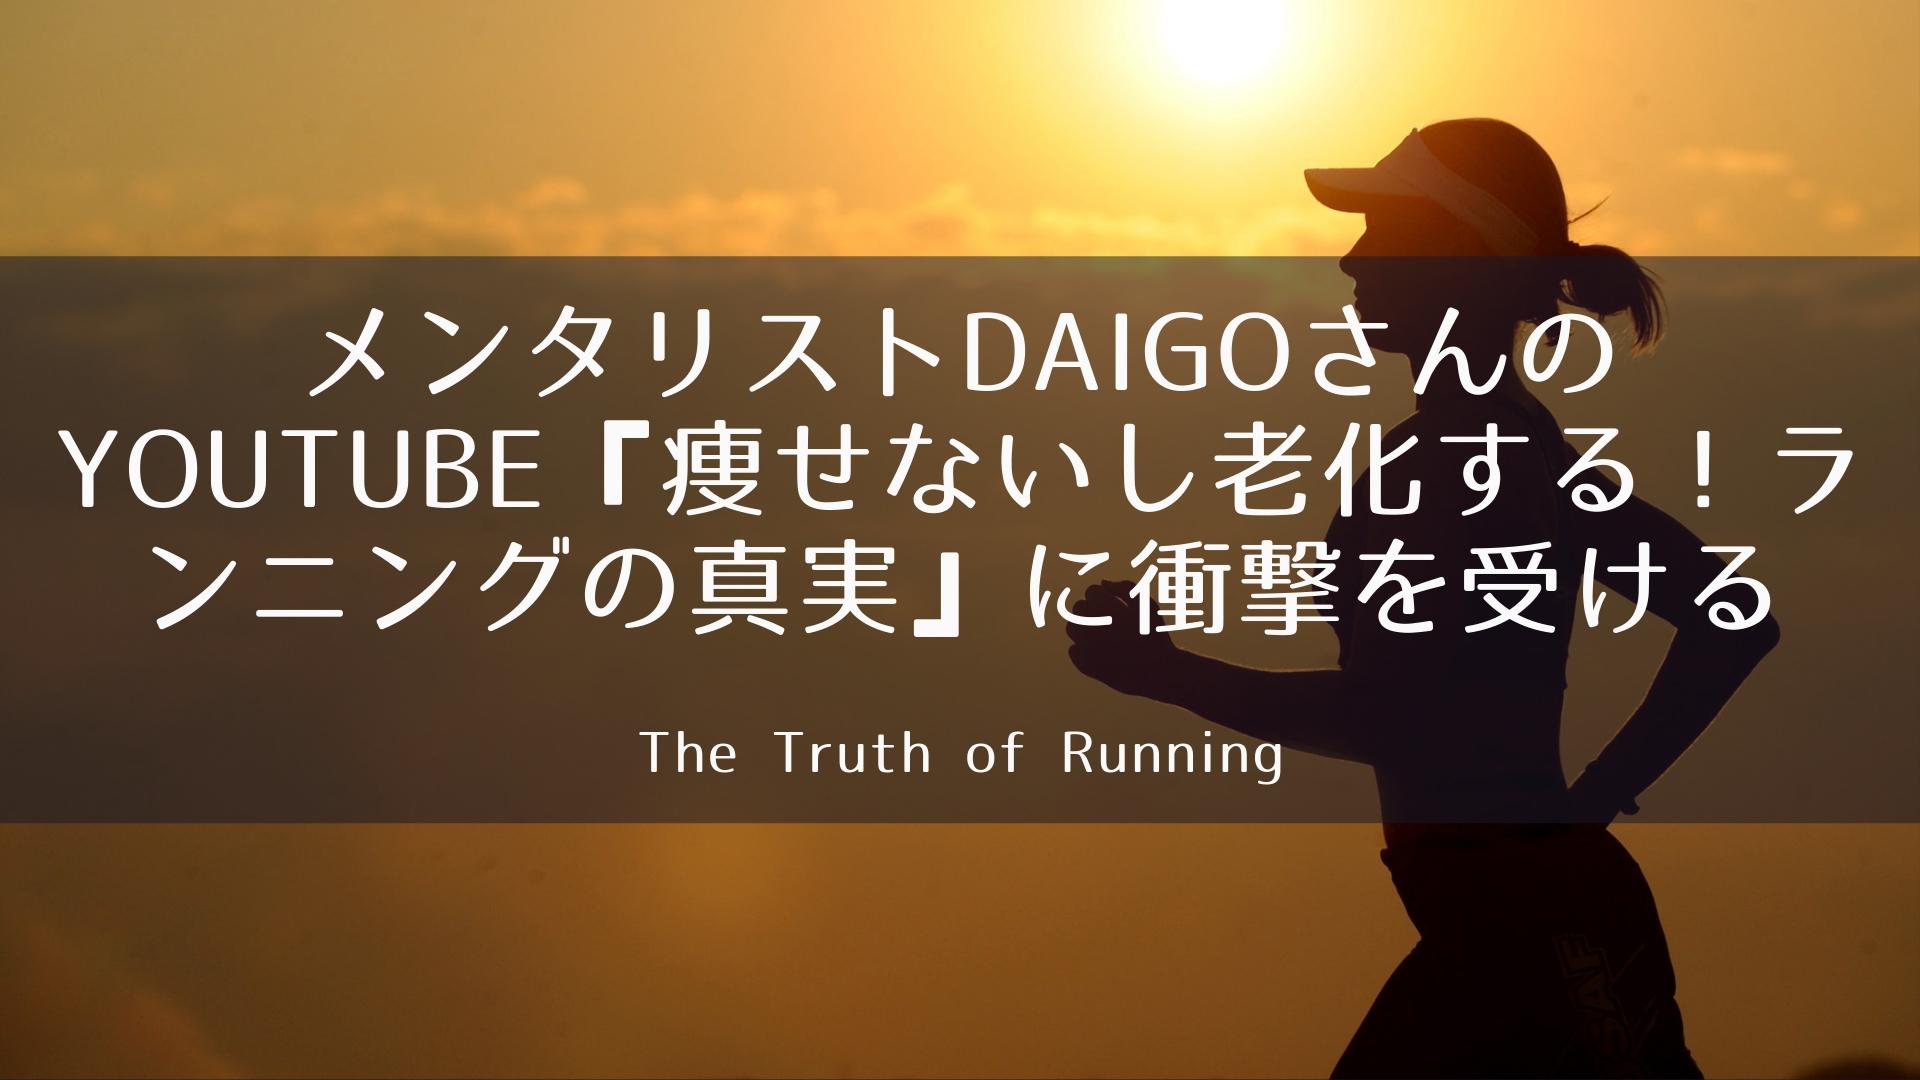 メンタリストDAIGOさんのYOUTUBE『痩せないし老化する!ランニングの真実』に衝撃を受ける